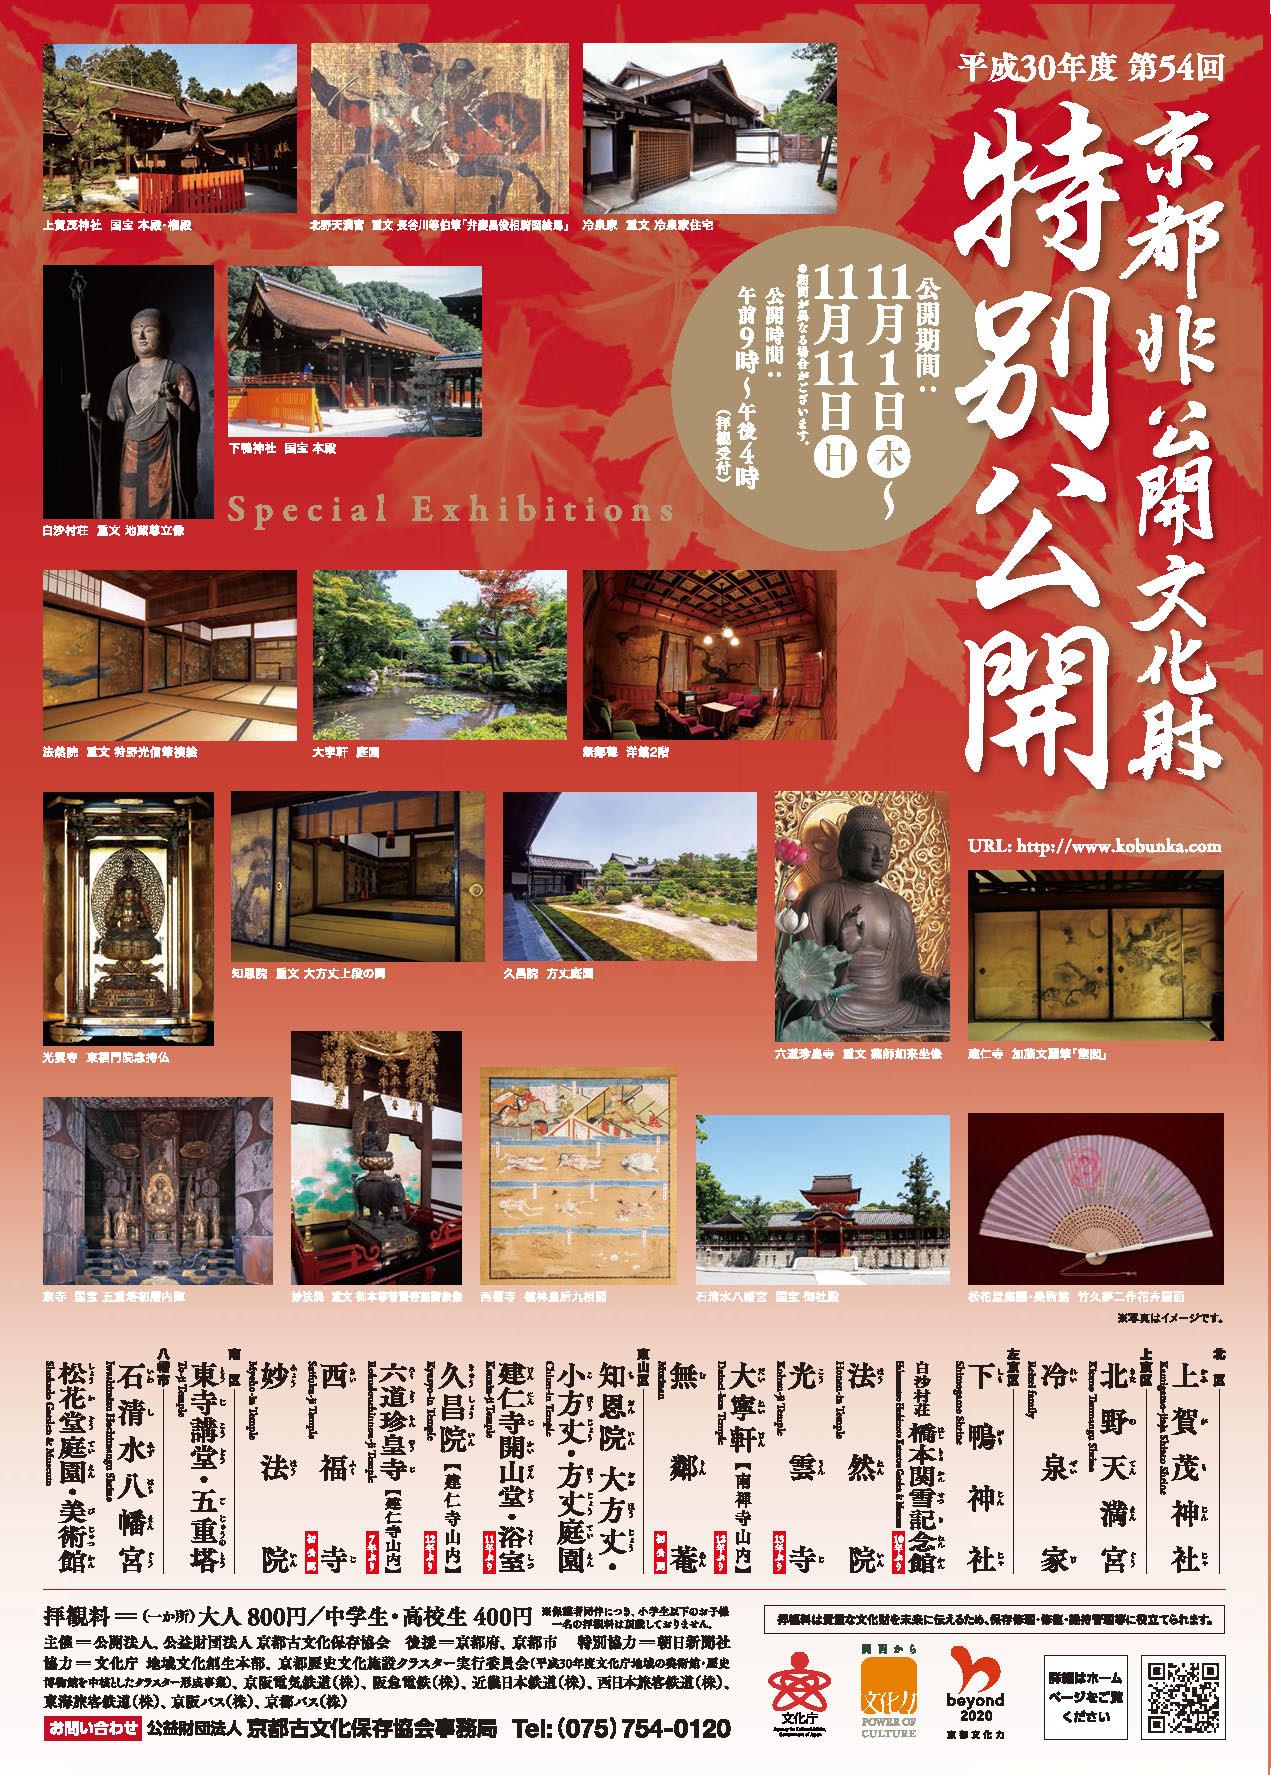 hikoukai_h30aki_leaf_ページ_1